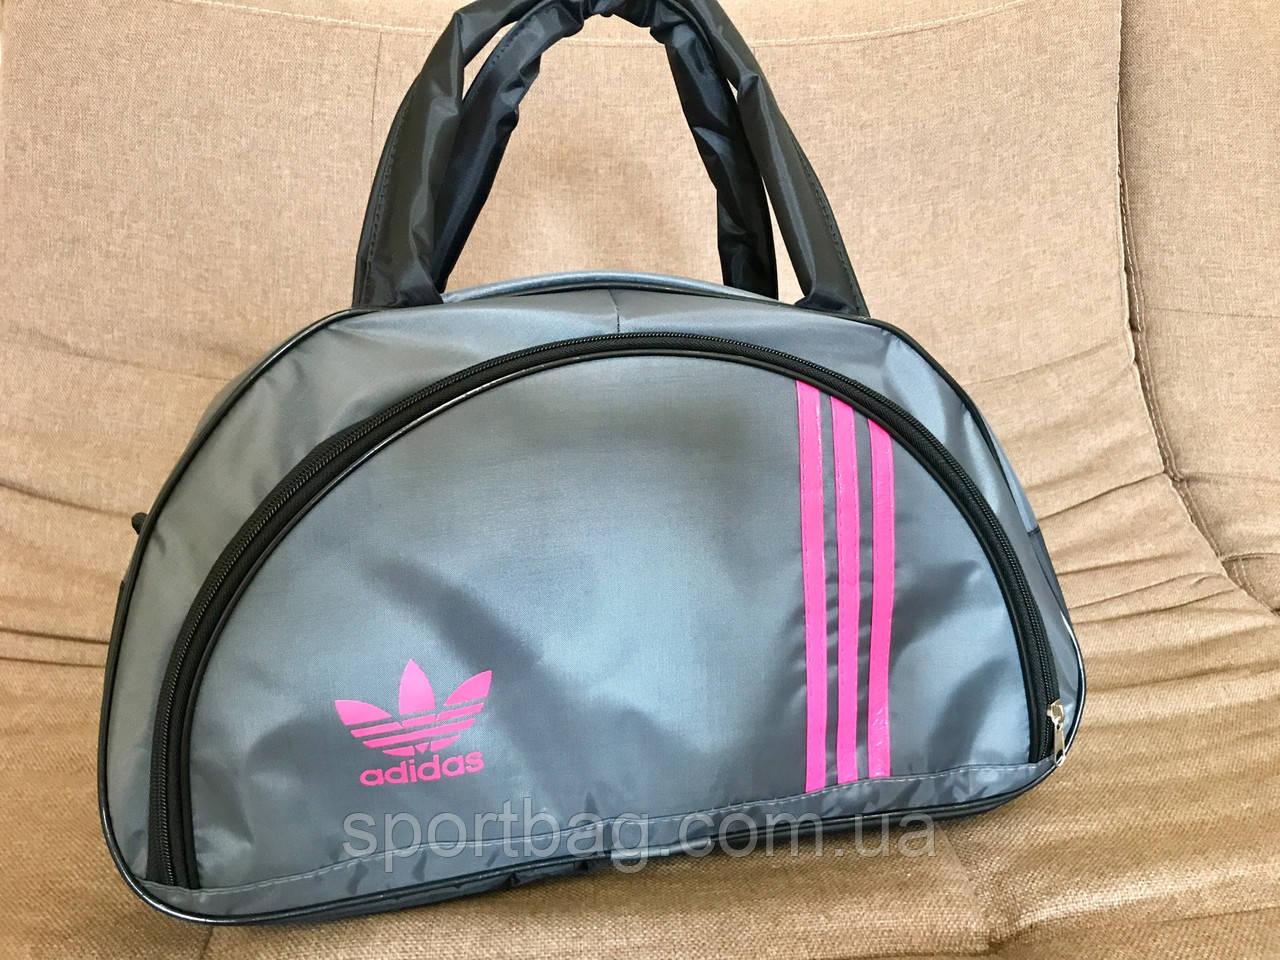 11ada221e248 Распродажа в Харькове!!!!Сумка женская спортивная Adidas, модель МВ ...